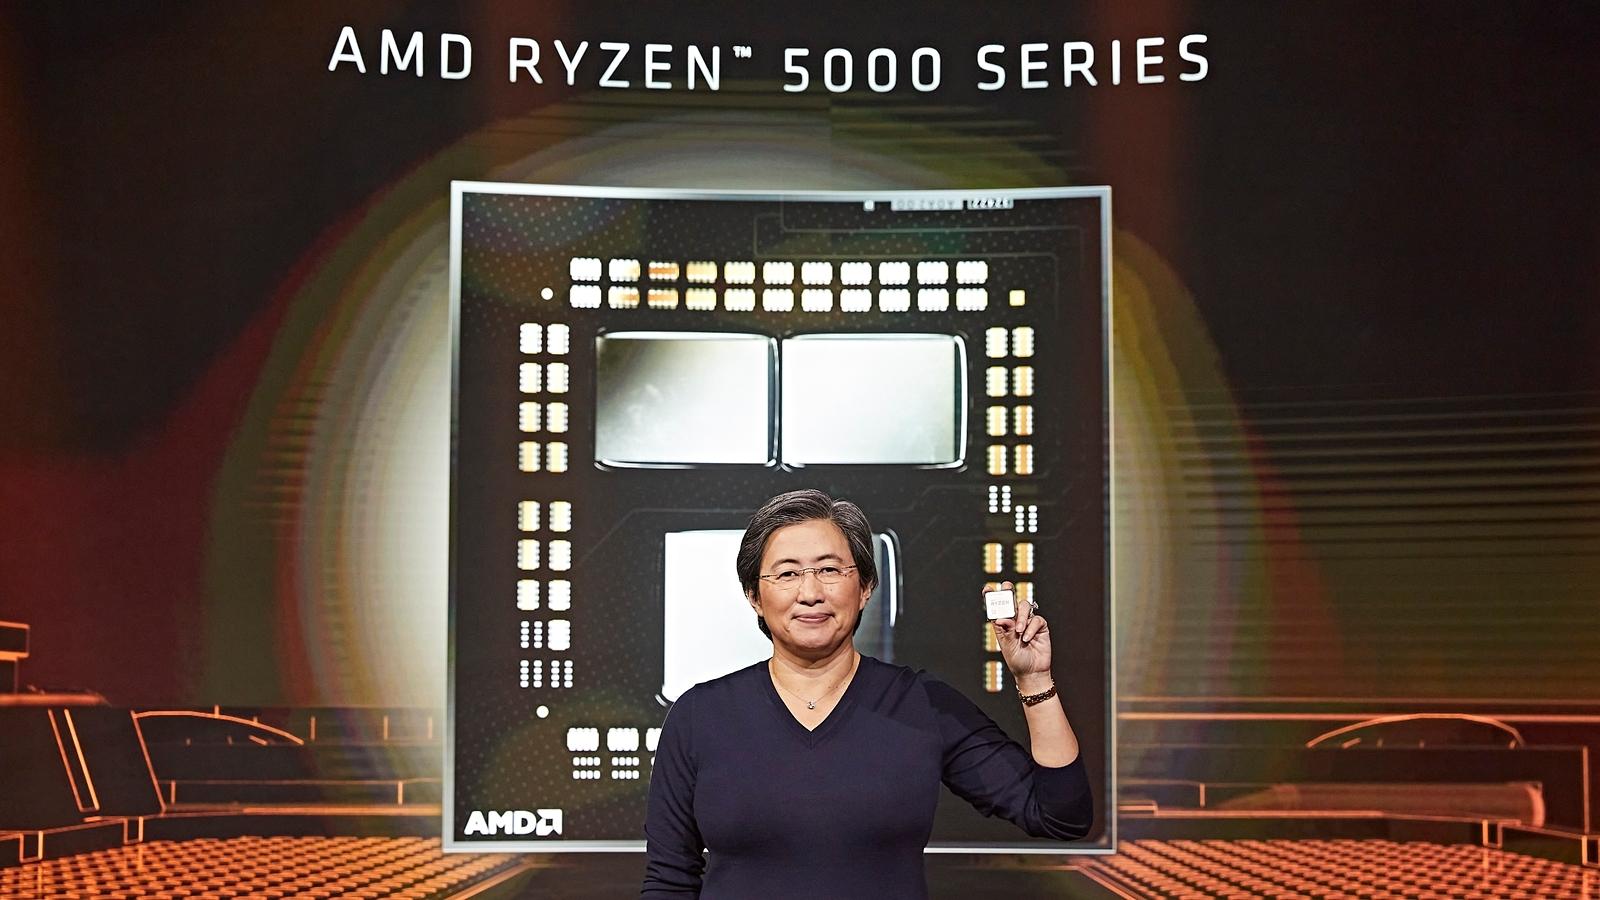 新製品を手にするPresident and Chief Executive OfficerのLisa Su氏 AMDのイメージ